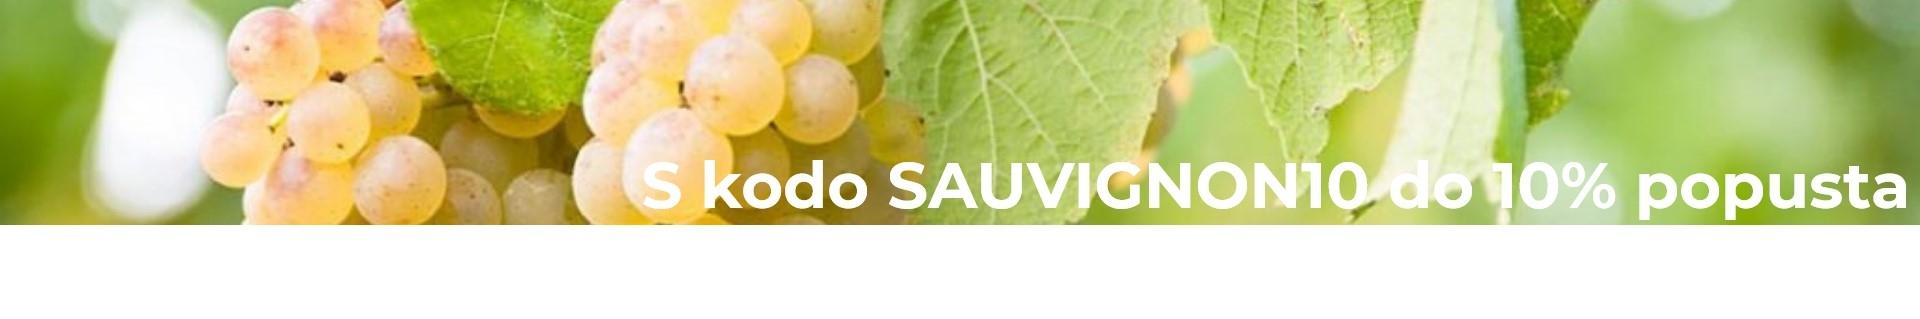 Slovenski sauvignoni